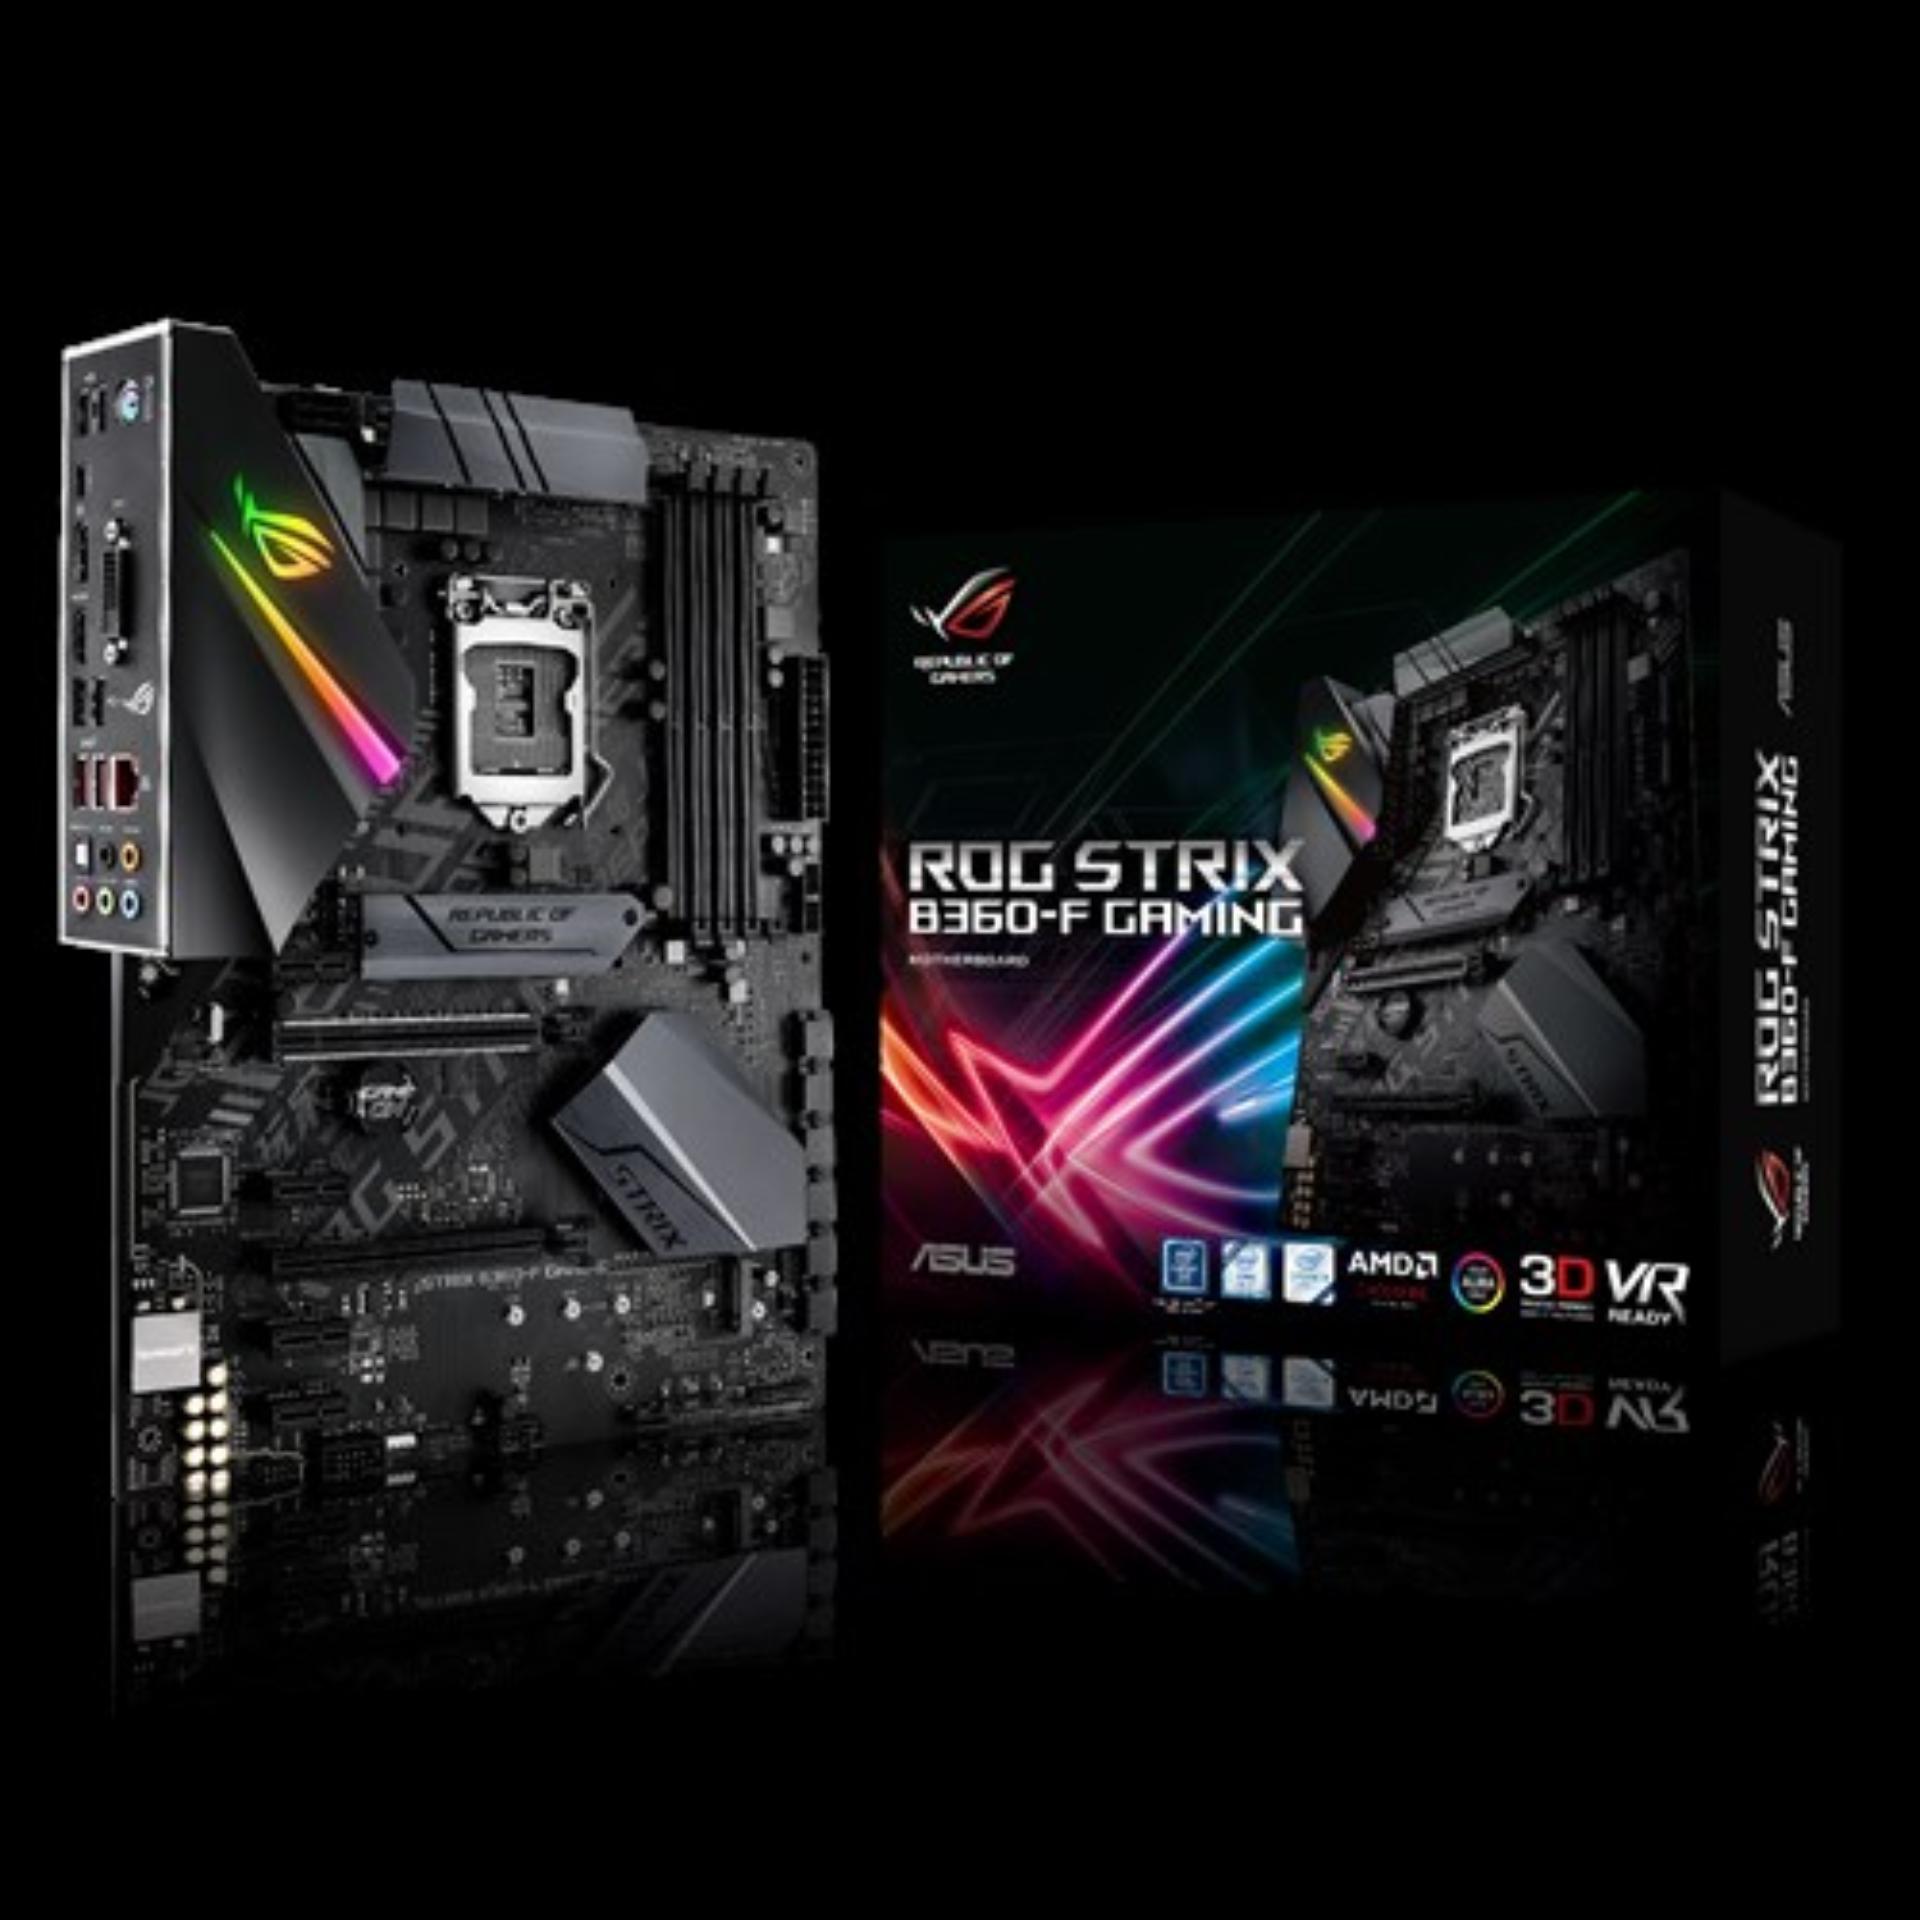 Hình ảnh ASUS ROG STRIX B360 - F GAMING